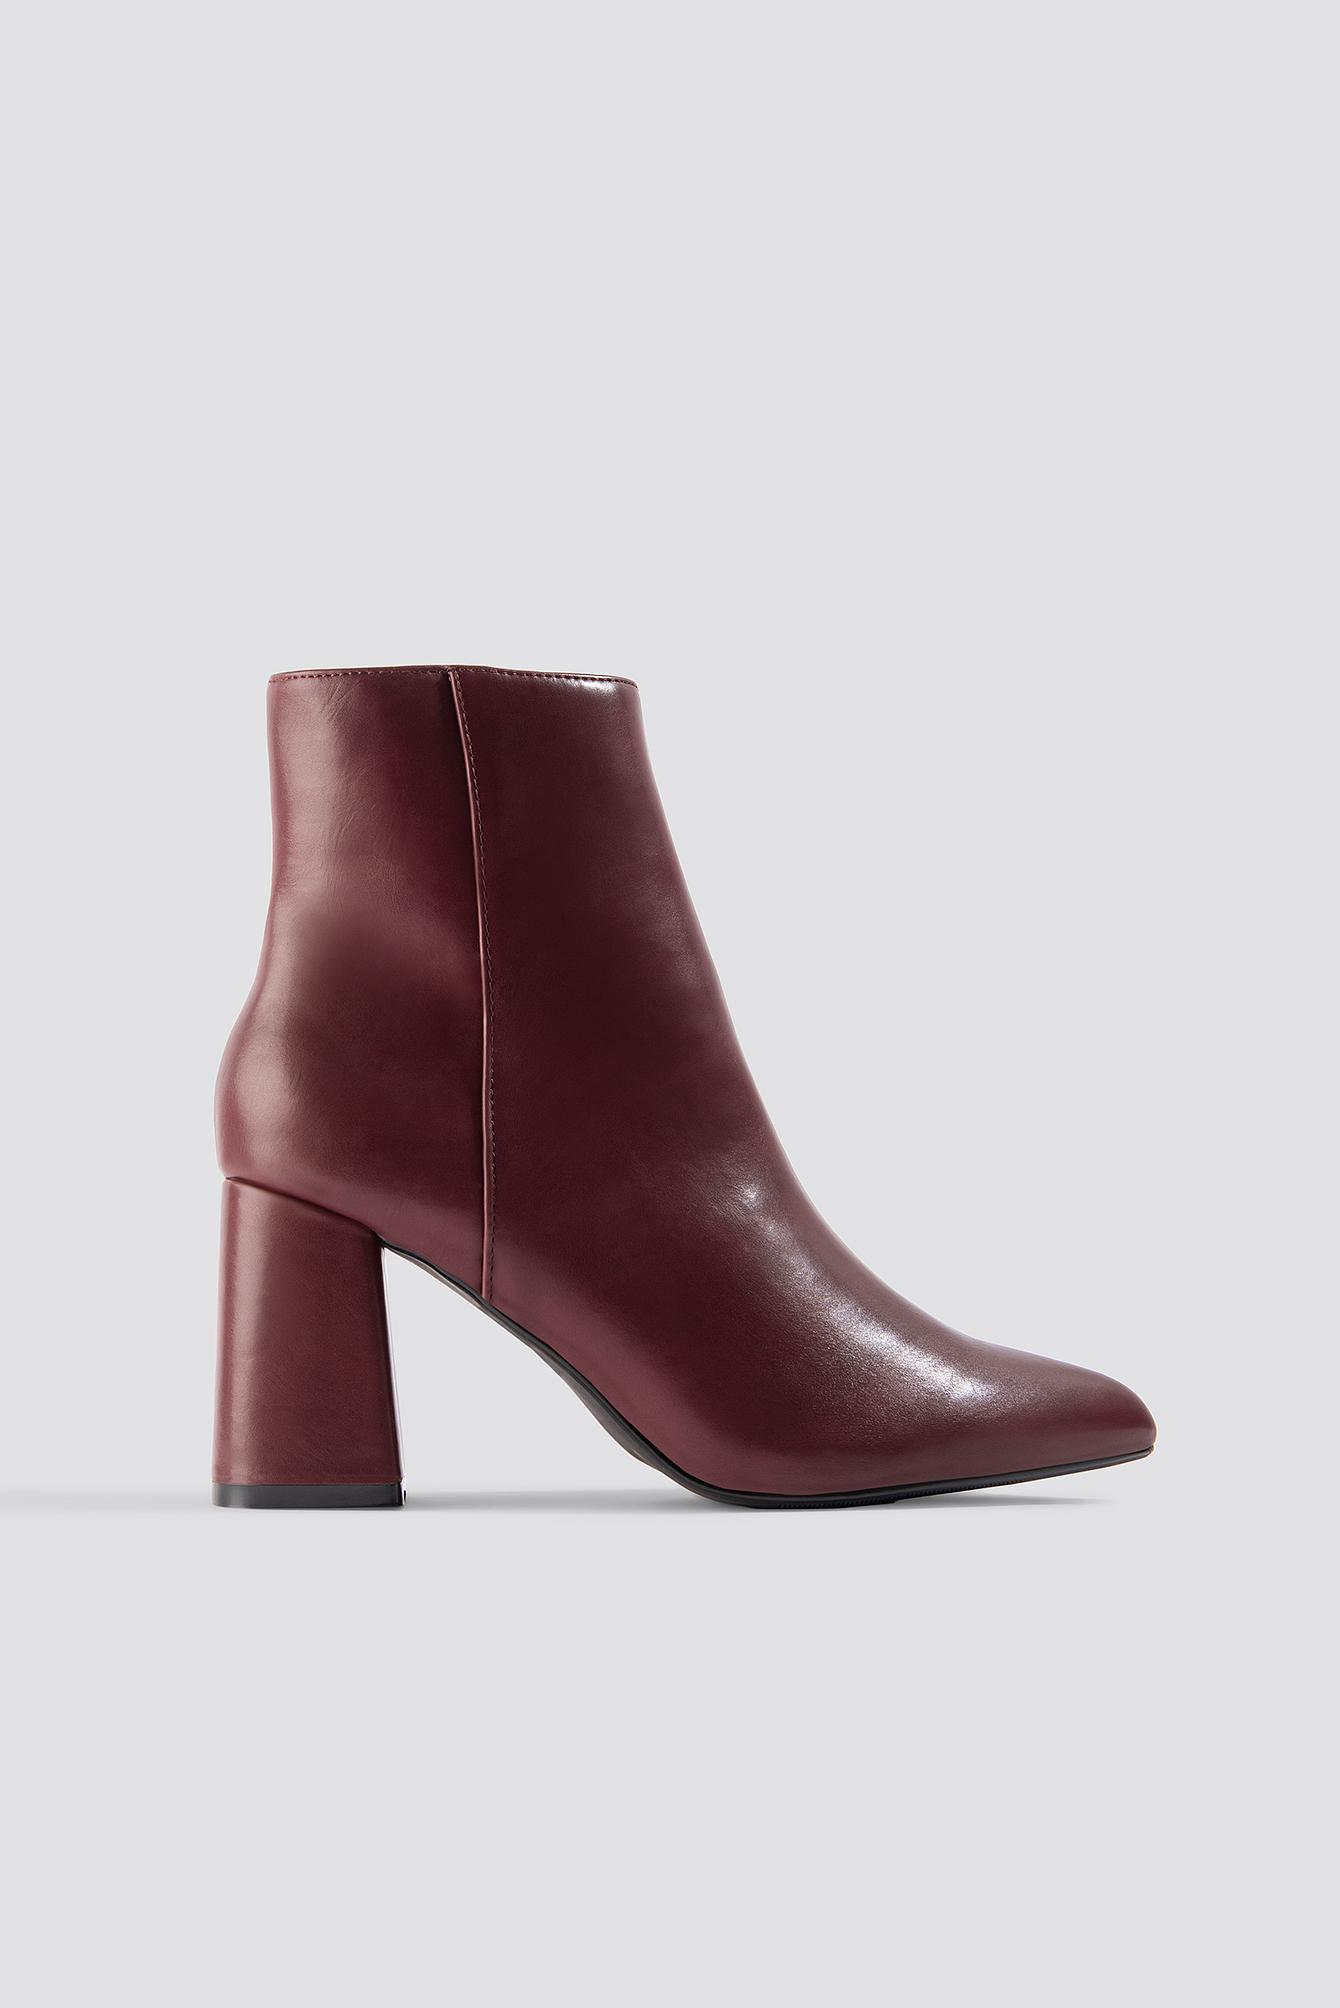 Na-kd Basic Block Heel Booties - Red In Burgundy